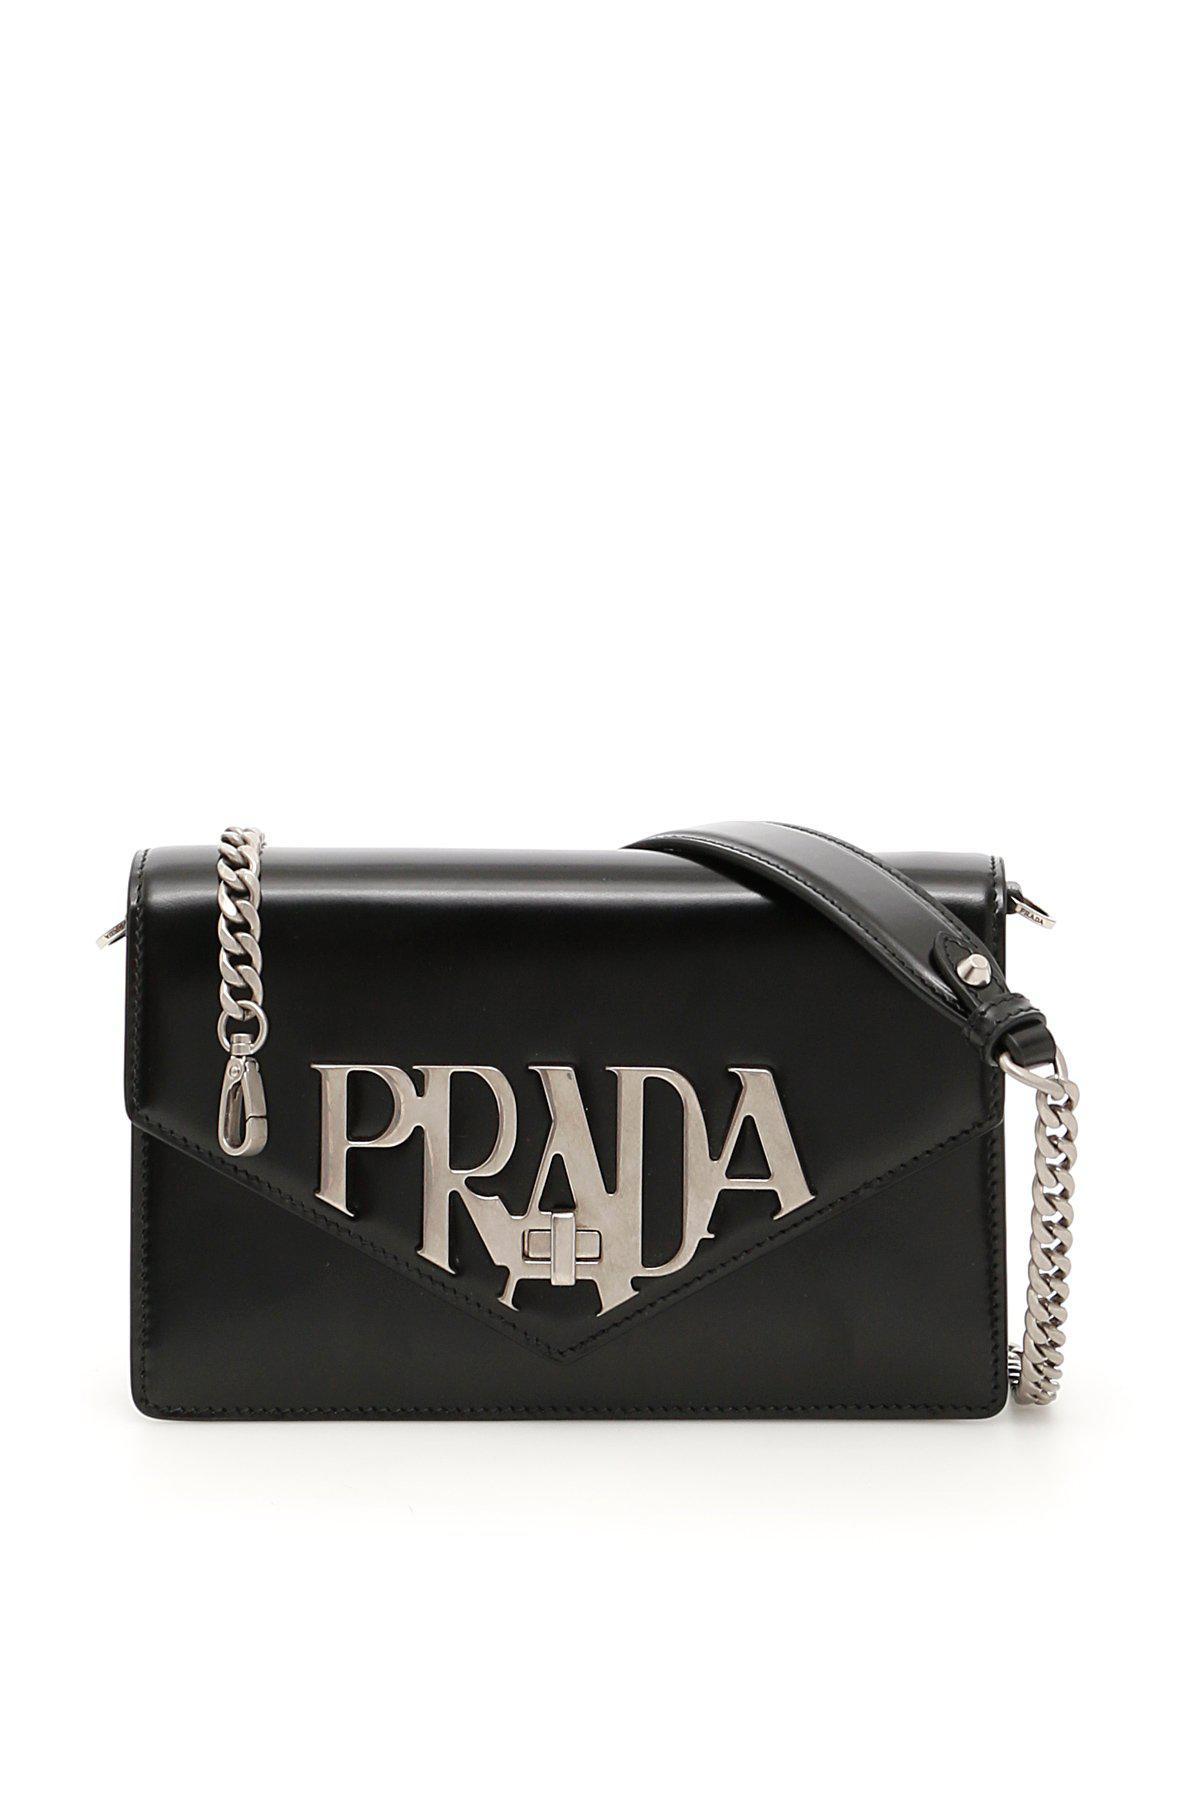 8f6e647a4d0e Prada - Black Logo Envelope Shoulder Bag - Lyst. View fullscreen